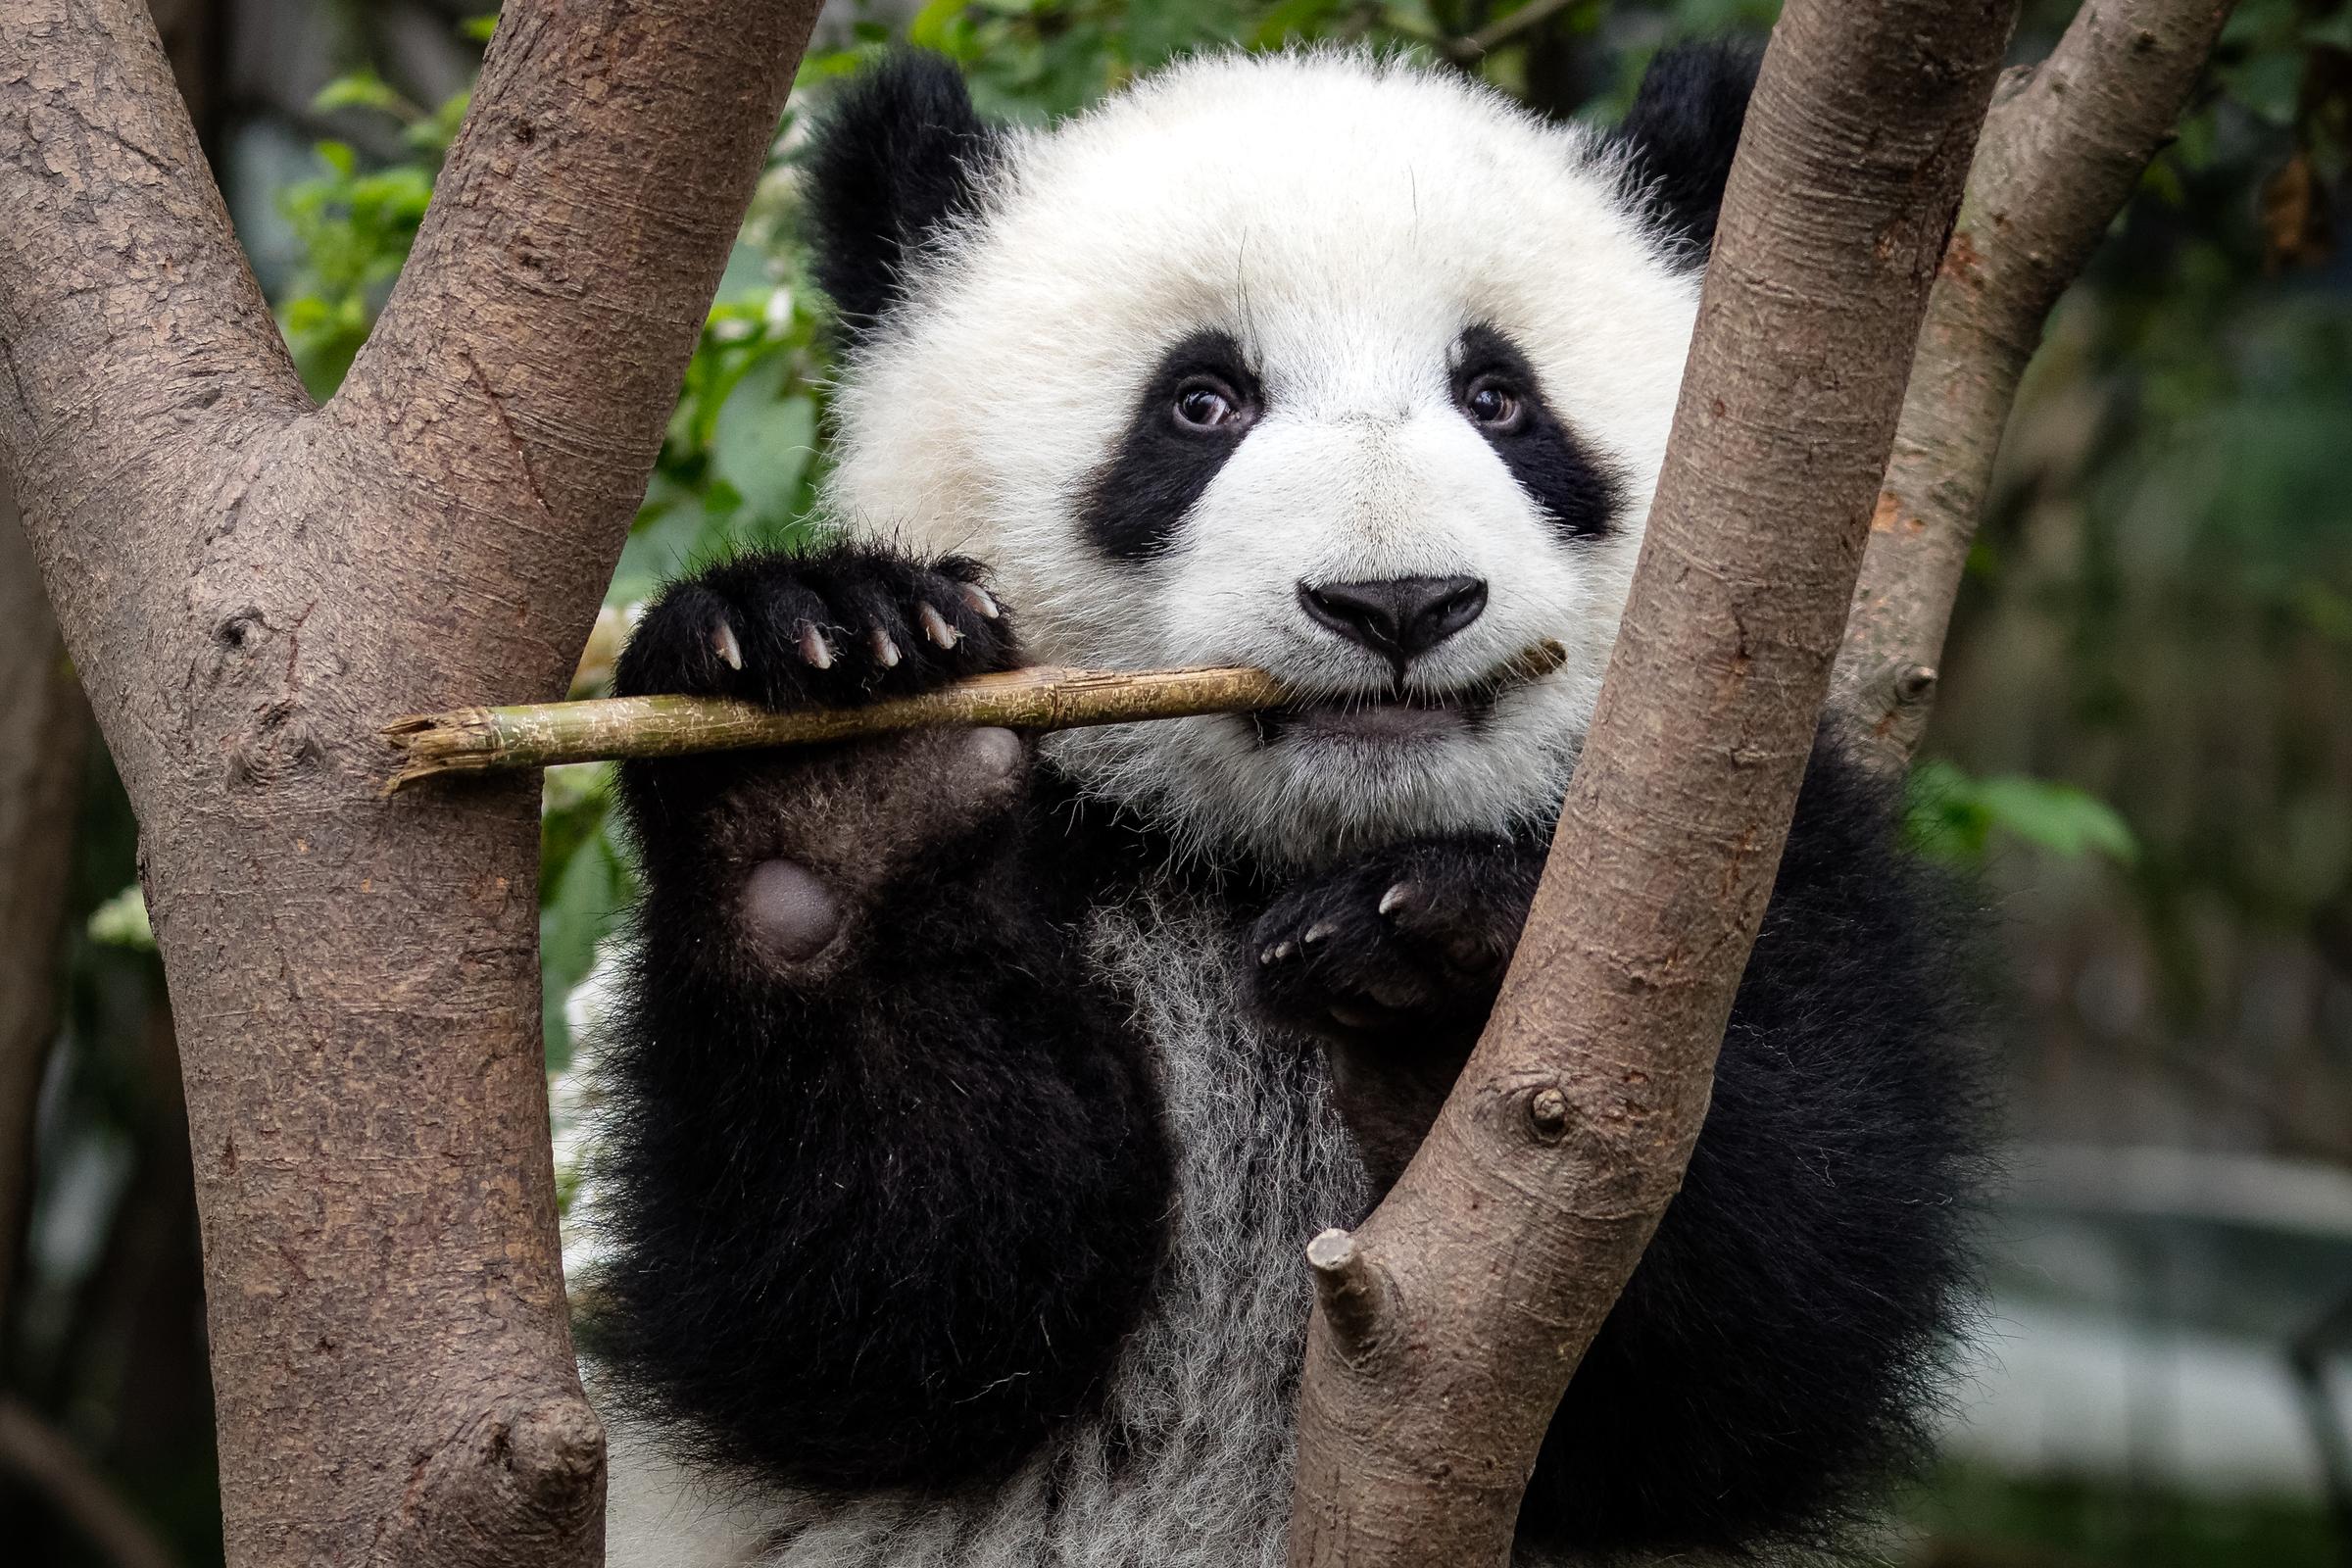 Grosser Panda frisst Bambus